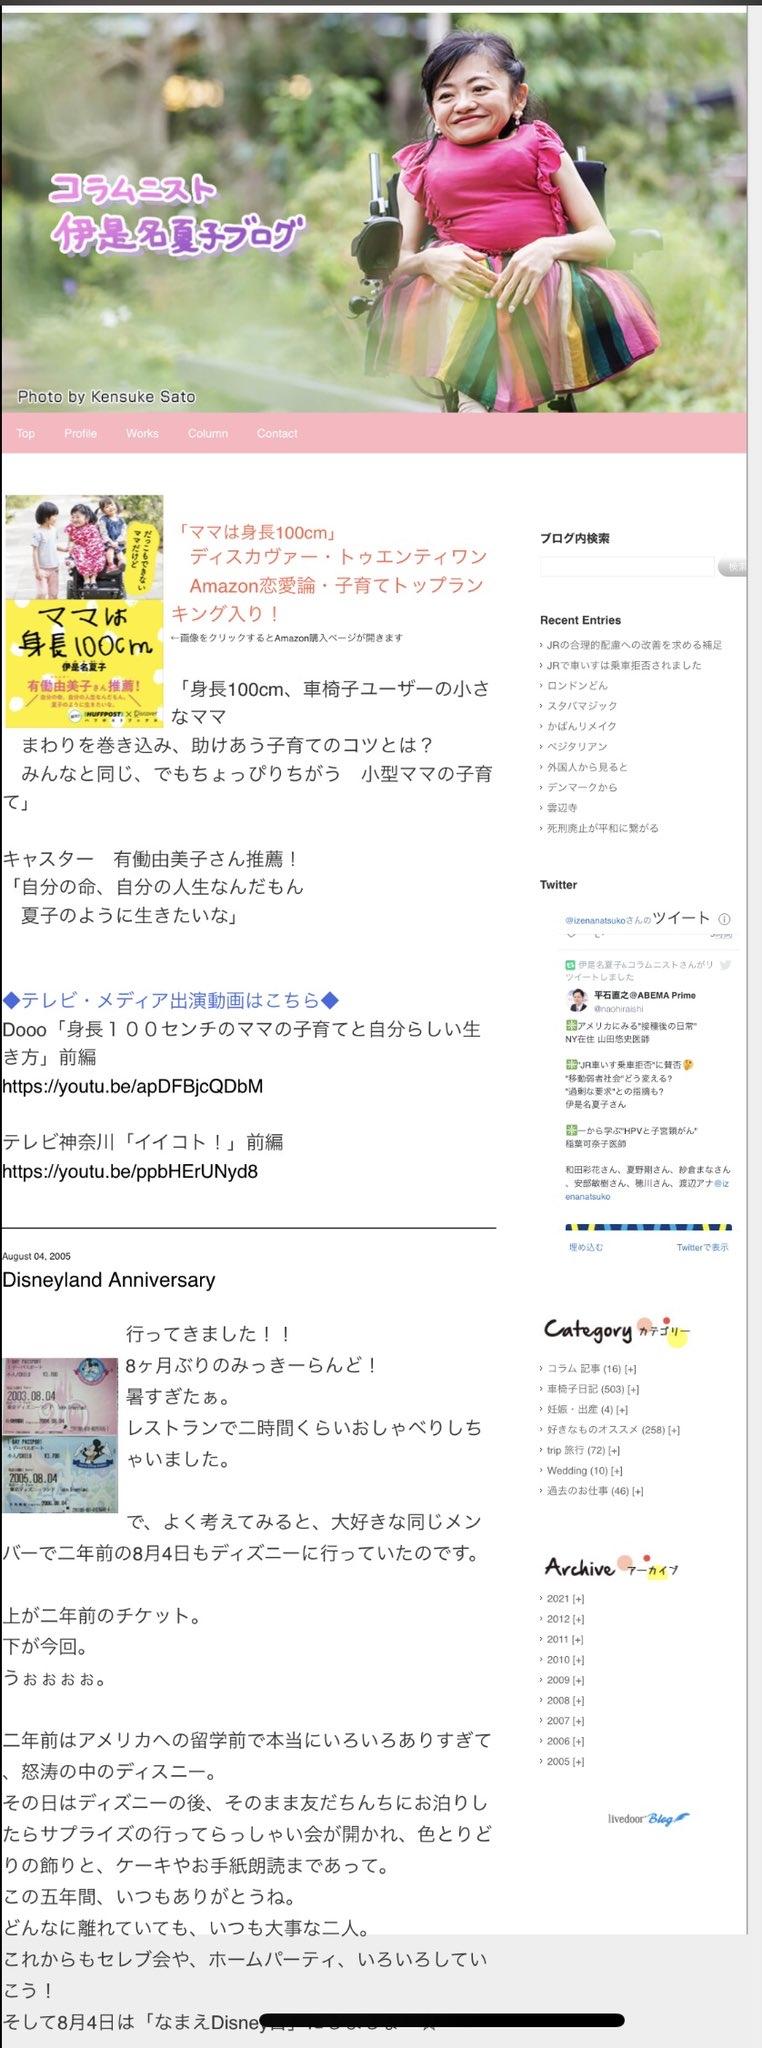 【障害者】伊是名夏子、ディズニーランドに子ども料金で入場していた  ★20  [potato★]